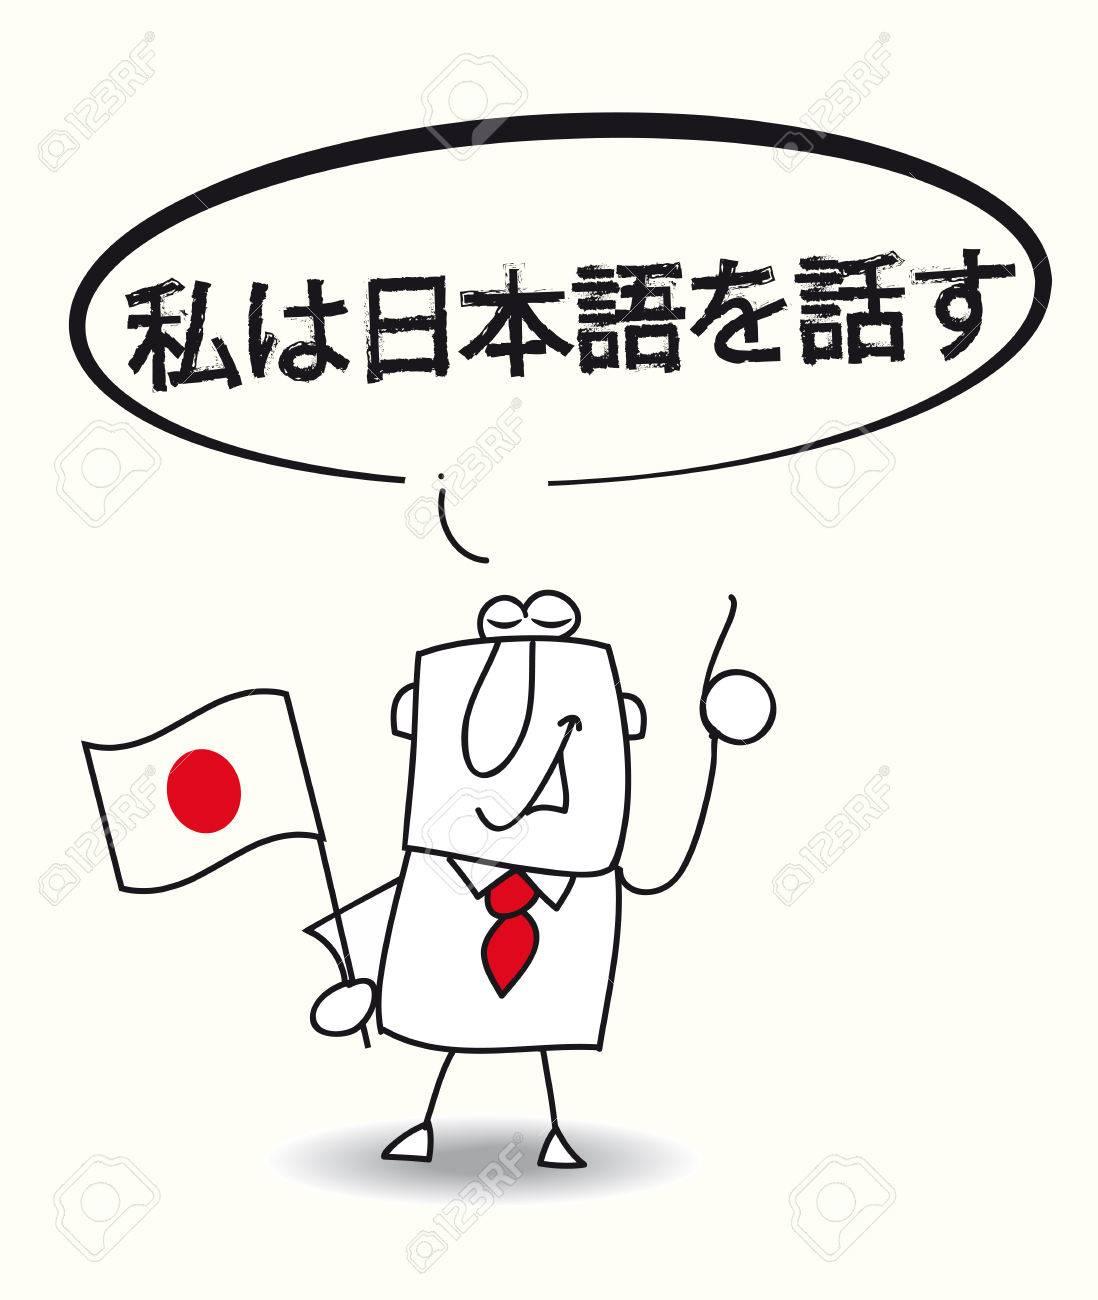 男のイラストは言う私は日本語を話すのイラスト素材ベクタ Image